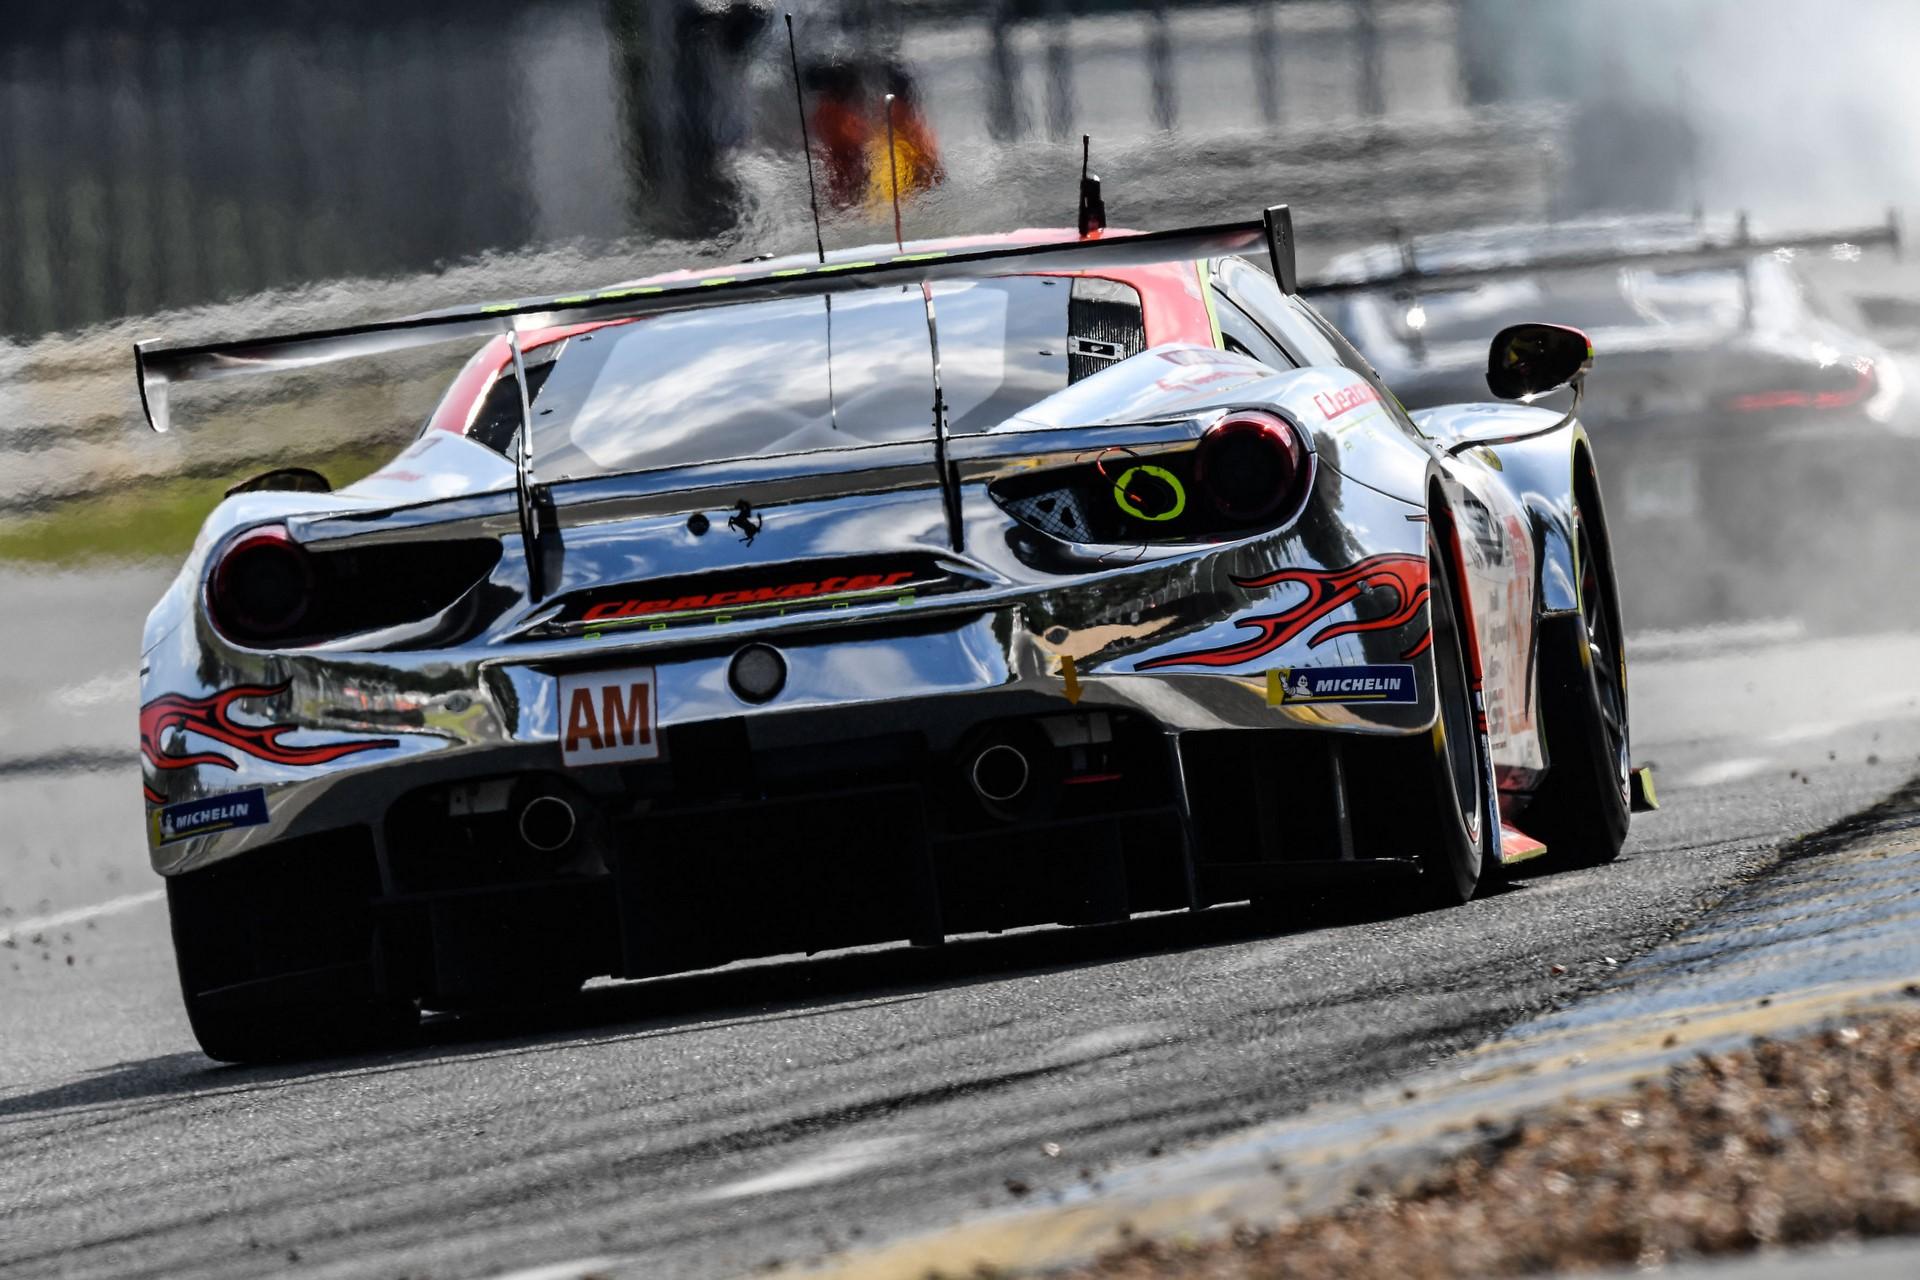 Le-Mans-2018-21